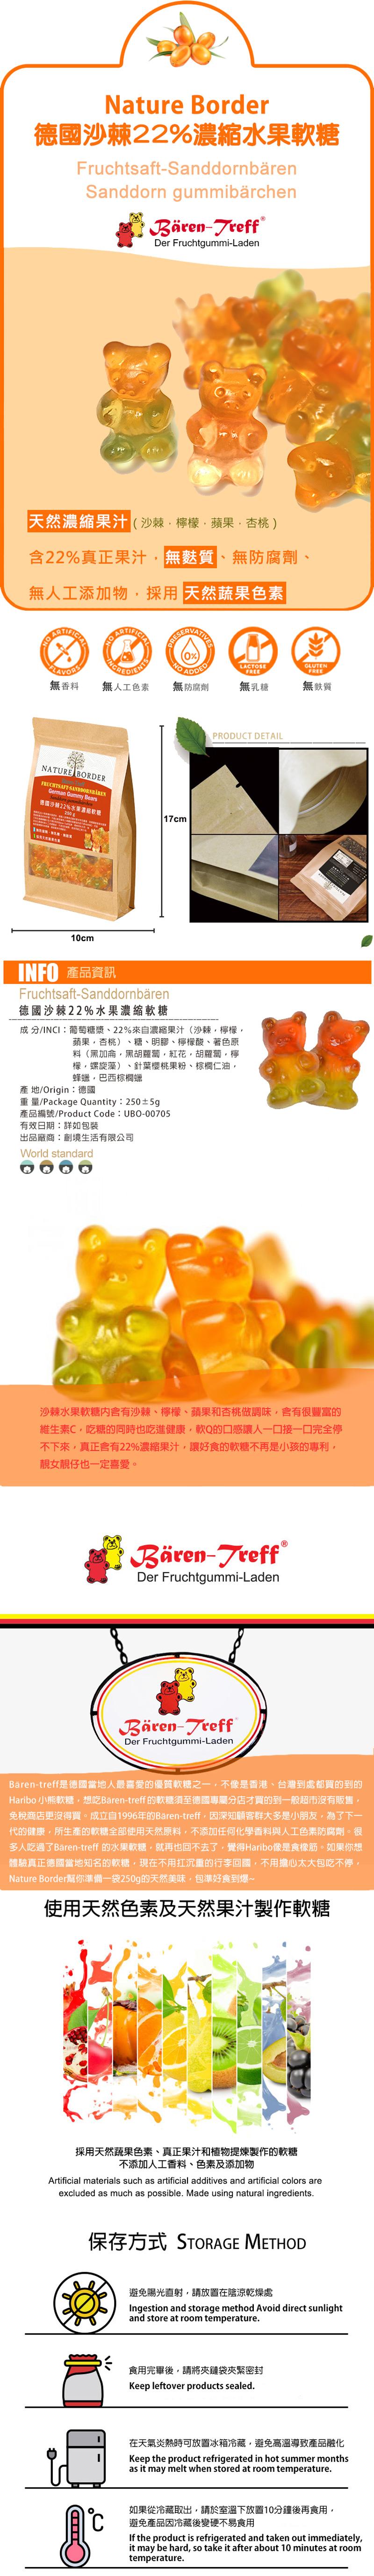 沙棘熊onepage.jpg